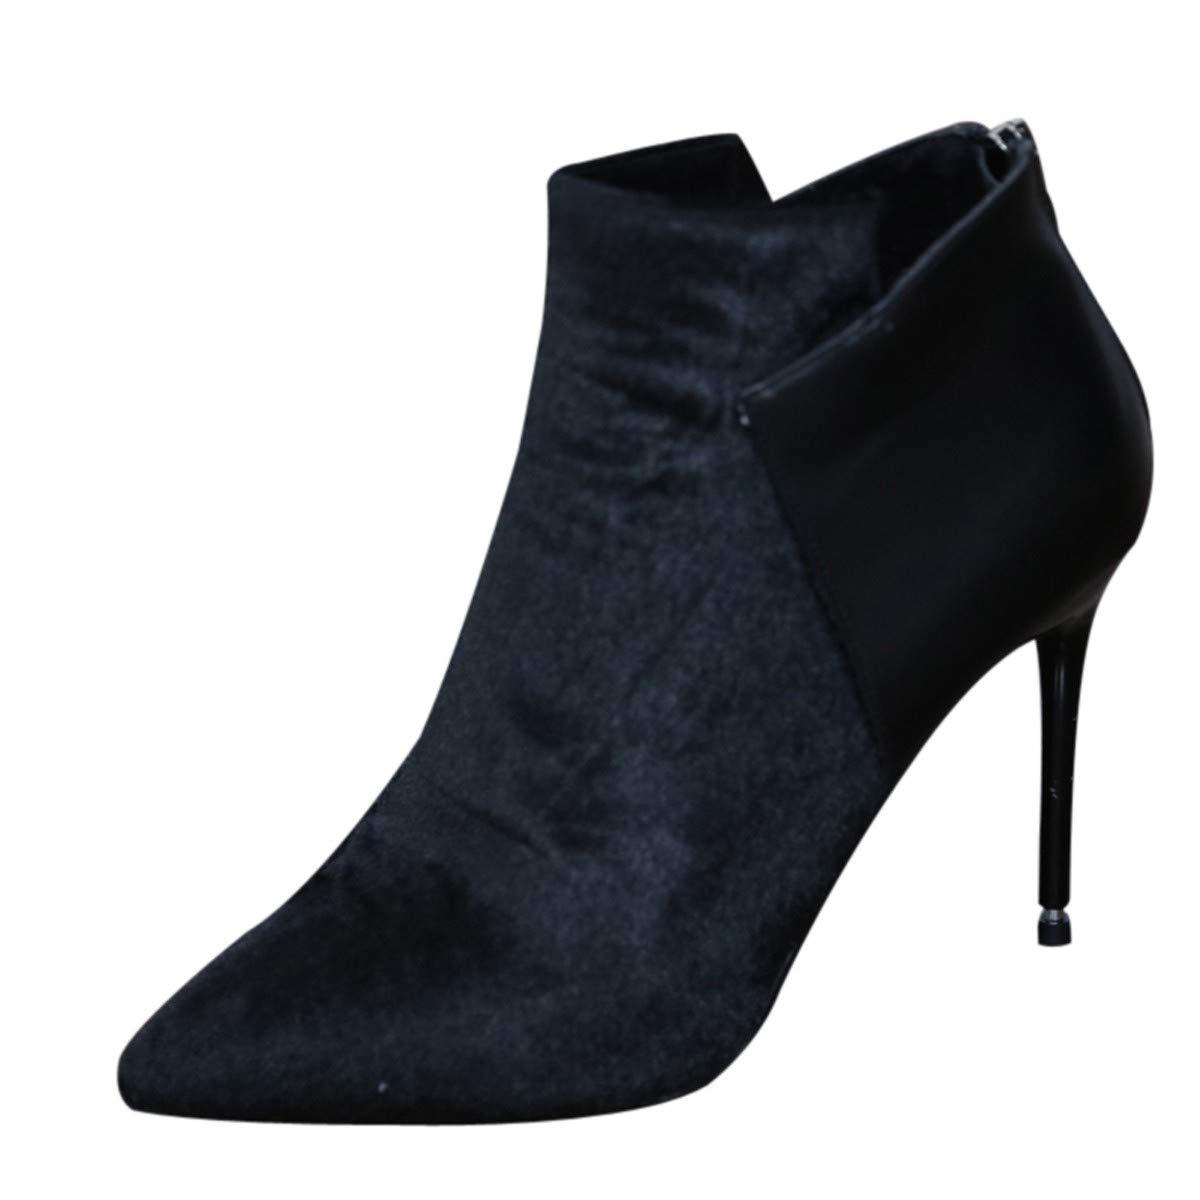 LBTSQ-Zusammenfügen Mode Hochhackigen Stiefeln 9Cm Sexy Scharf Darauf Dünne Sohle Kurze Stiefel Und Ohne Stiefel.